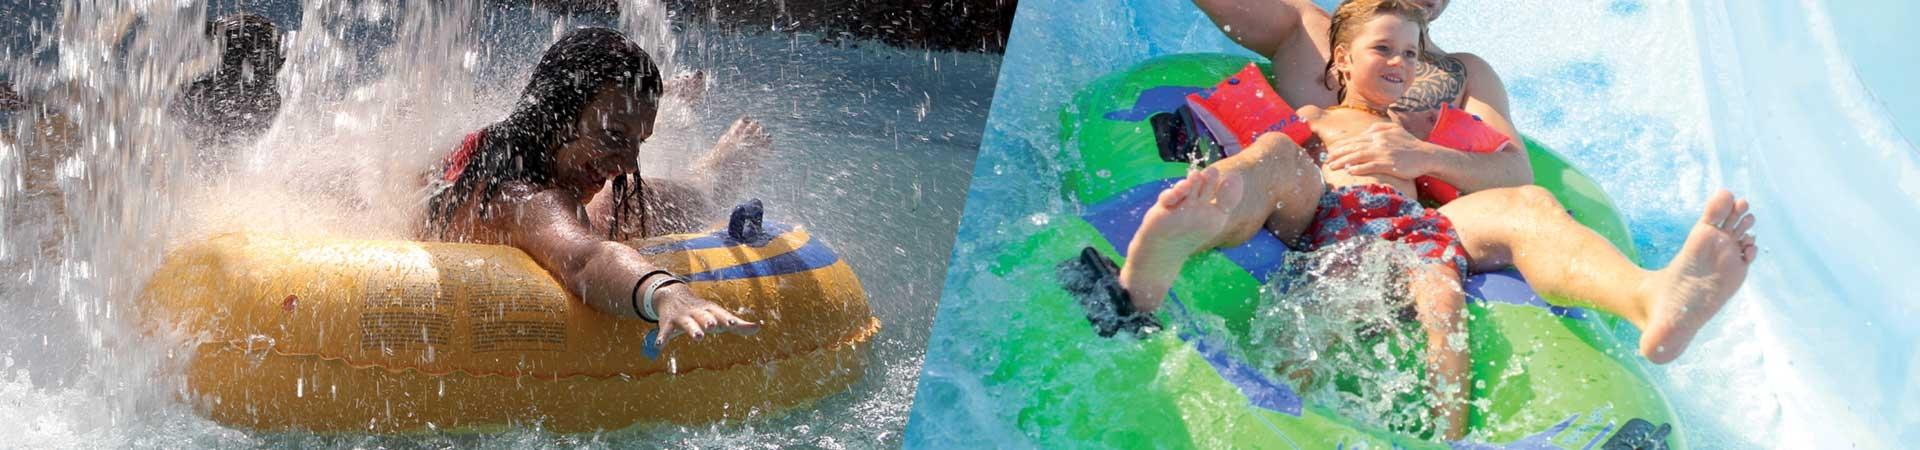 Doppel wasserreifen 8 für Wasserpark